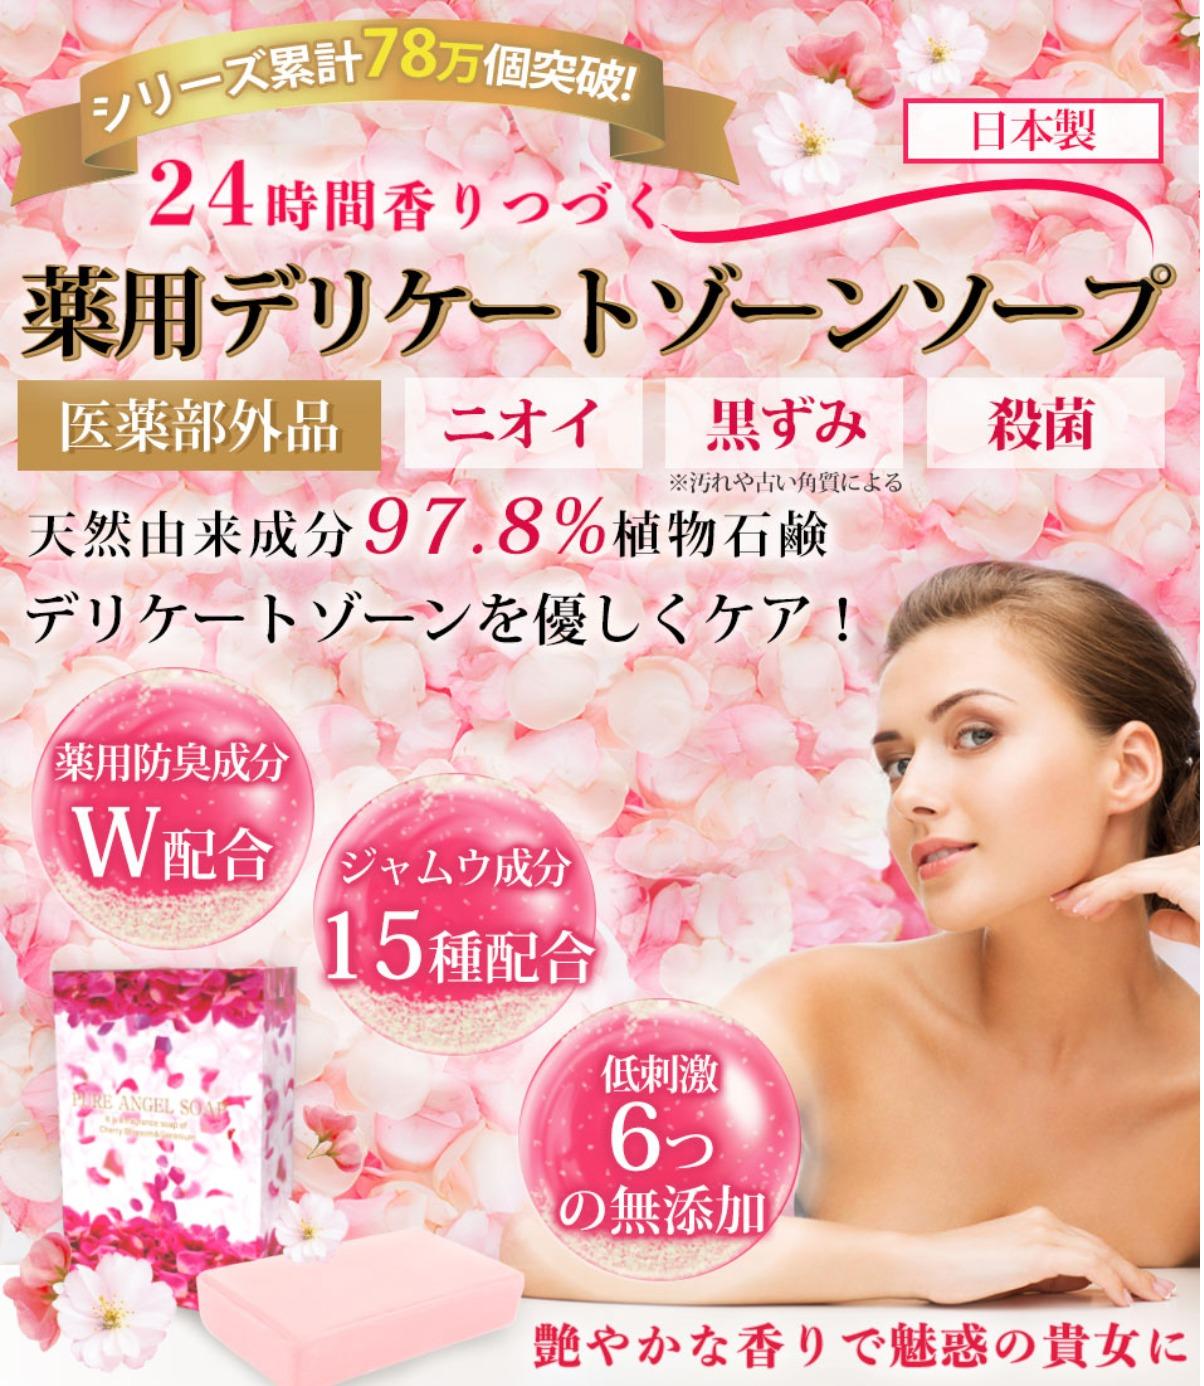 ピュアエンジェルソープは日本製の安心薬用デリケートゾーンソープ